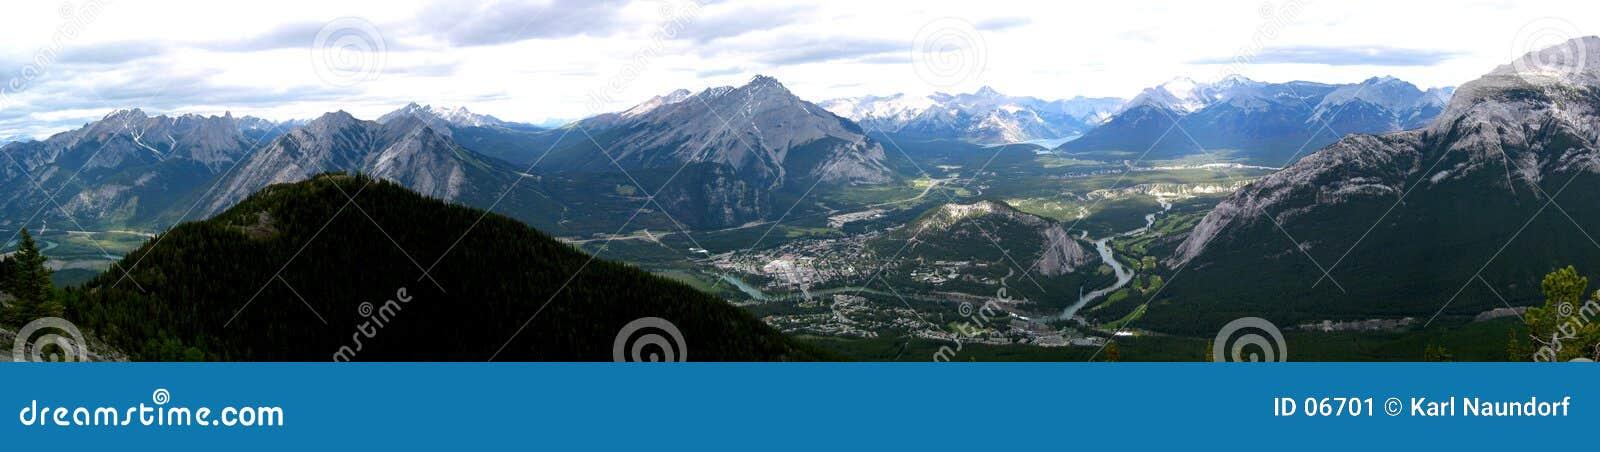 Montaña de Banff Townsite panorámica